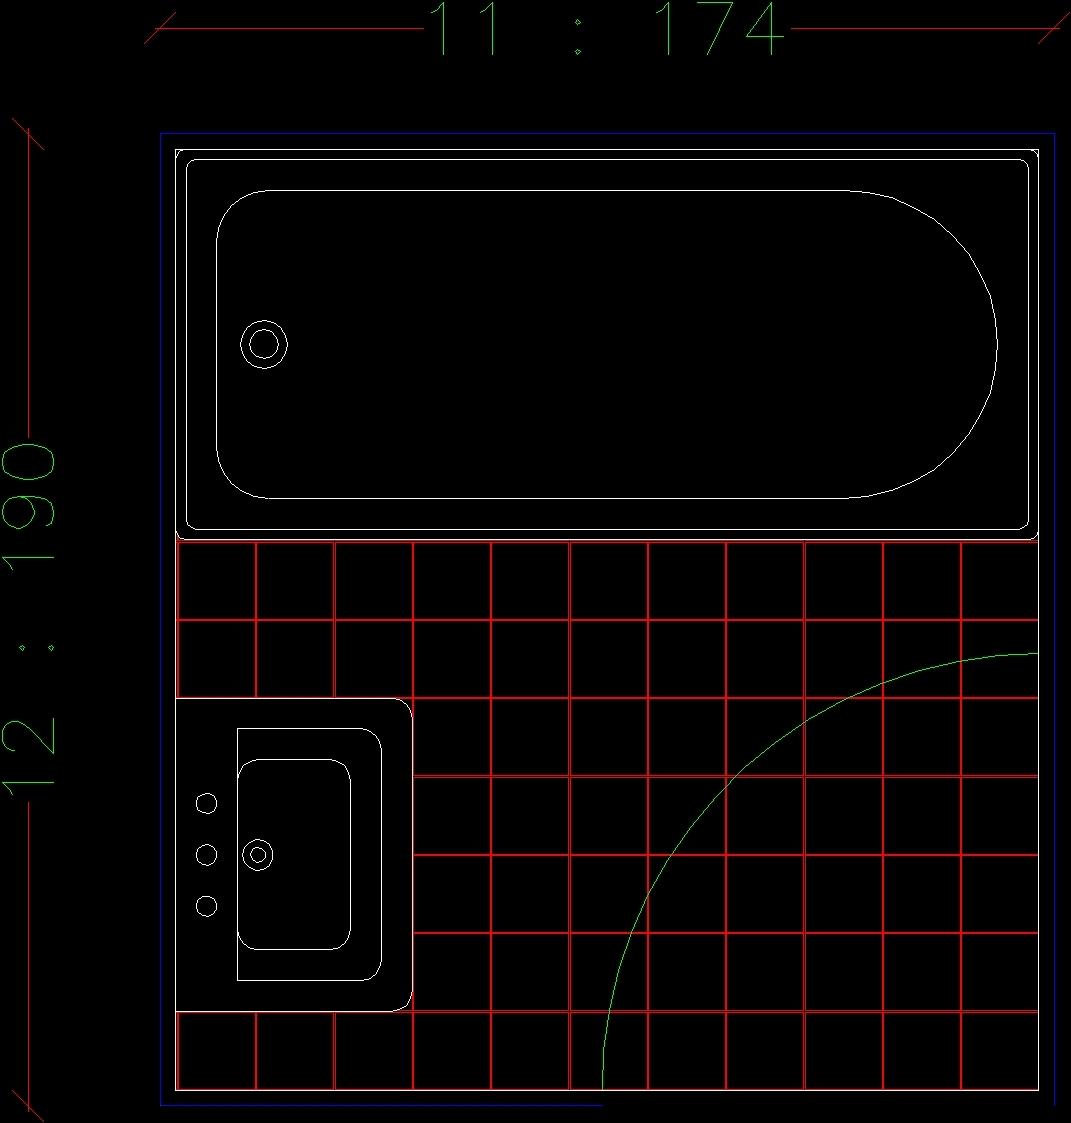 Blocks bath dwg block for autocad designscad for Autocad bathroom blocks